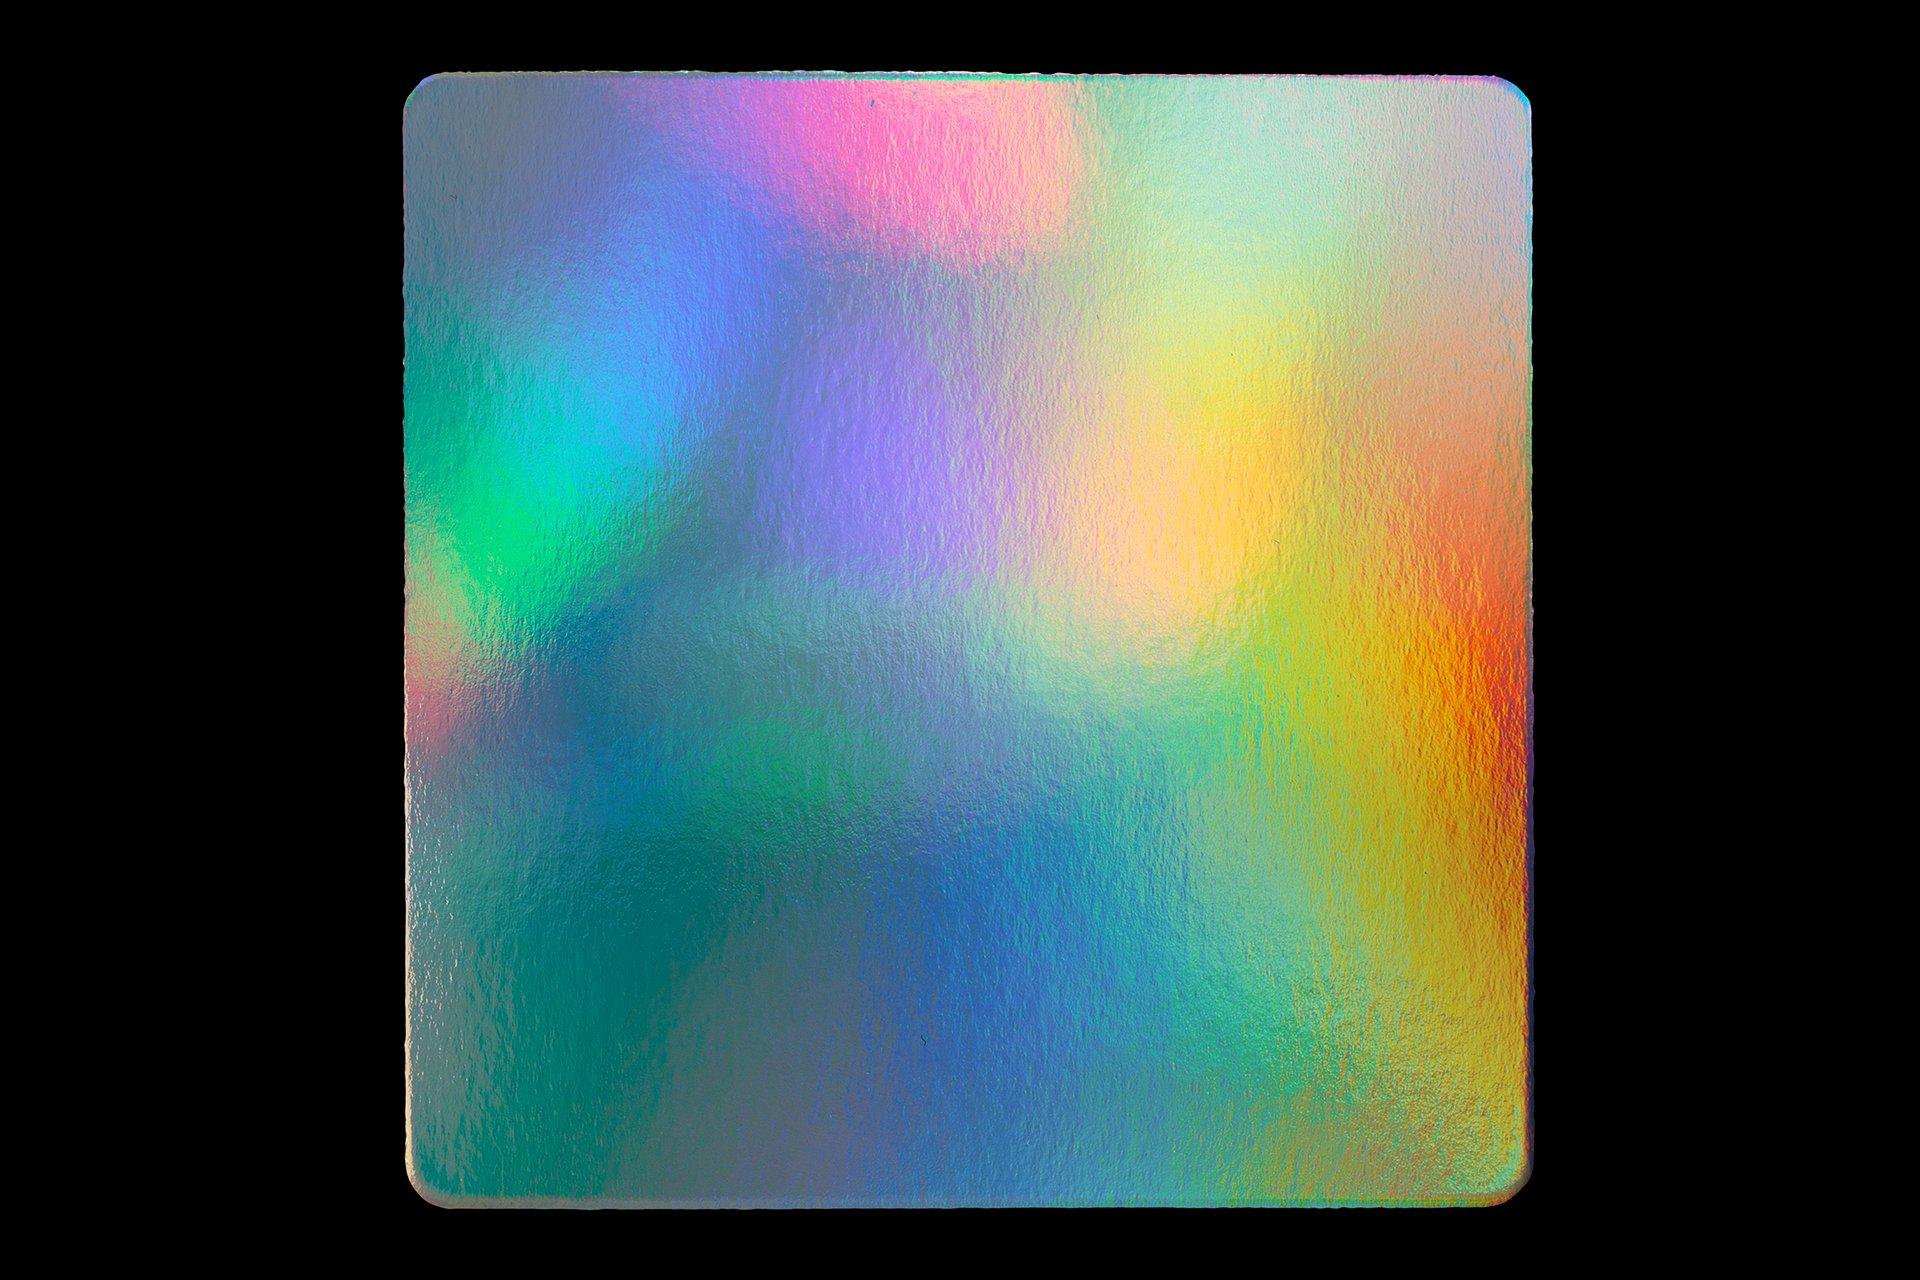 [淘宝购买] 143款炫彩全息渐变海报设计底纹背景图片素材 Blkmarket – 140+ Holographic Texture ( Shiny)插图(6)